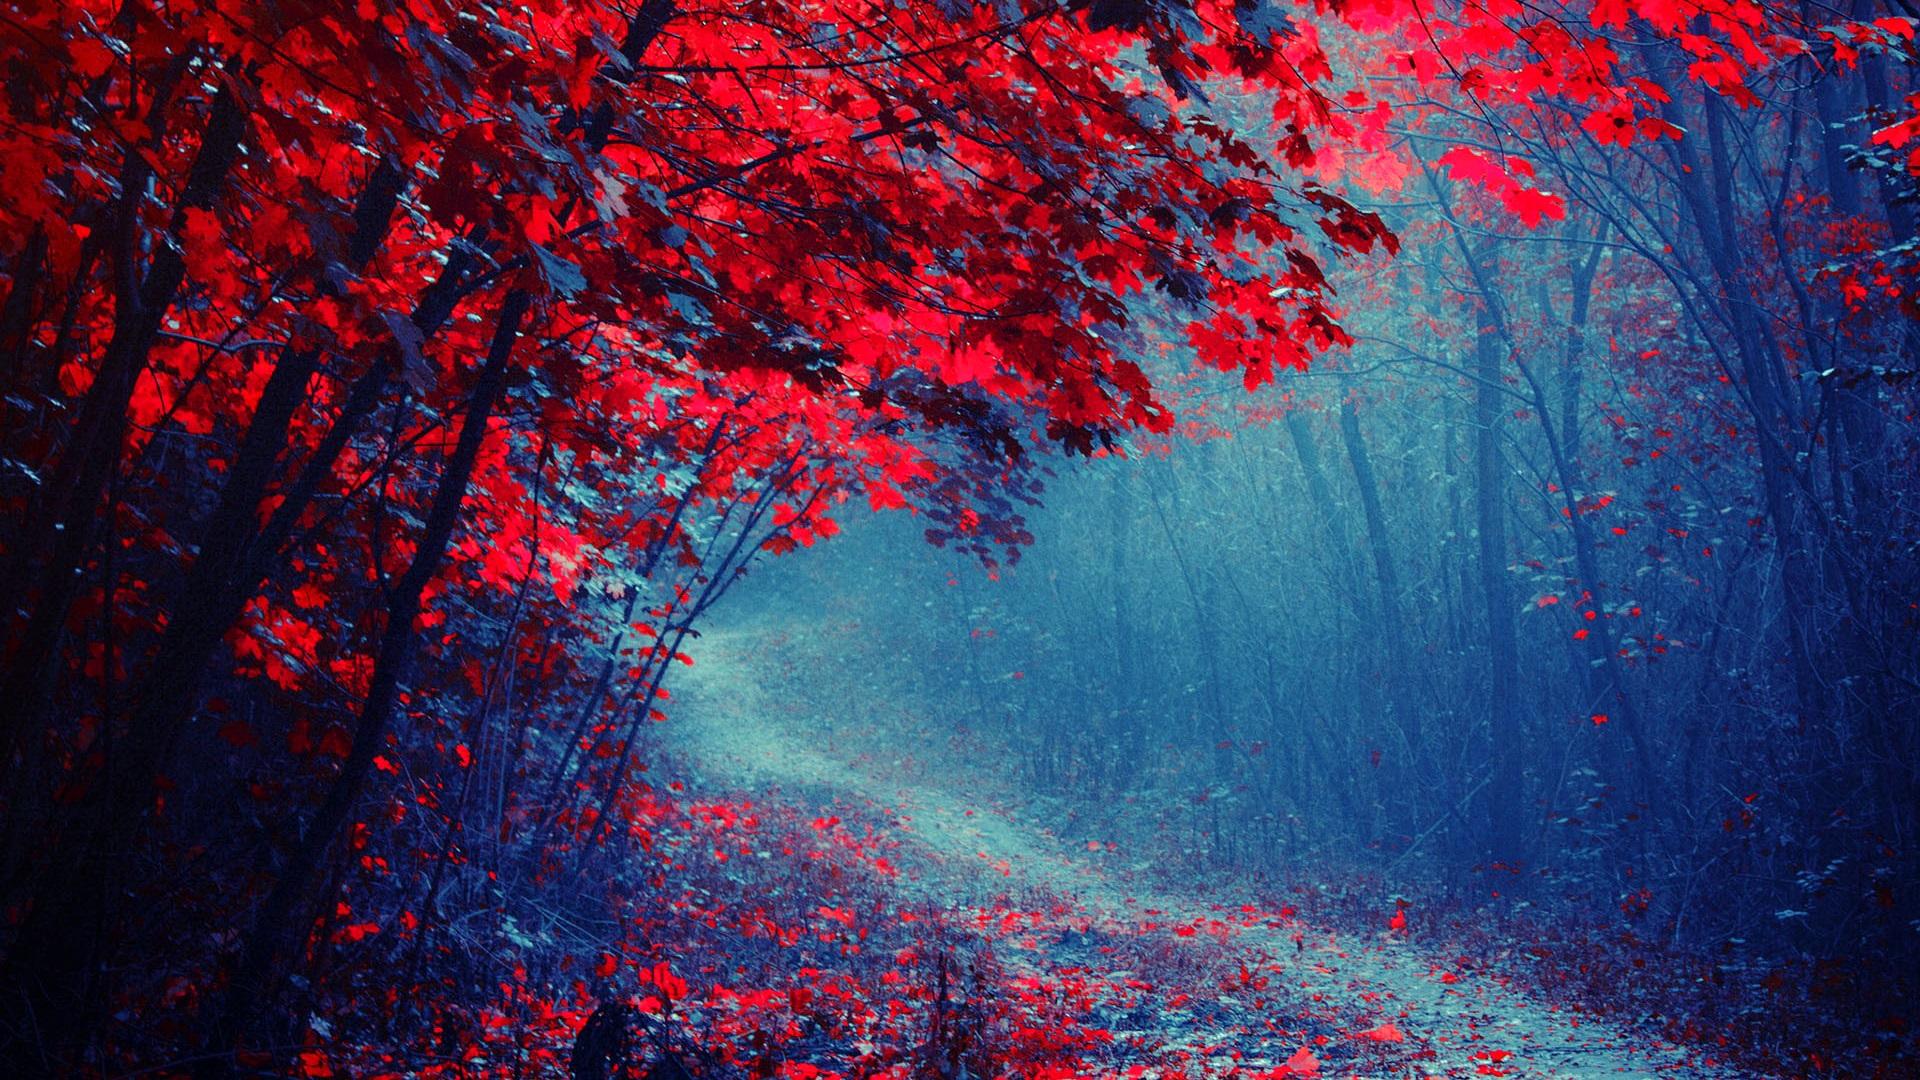 красивые картинки в красных тонах нас собраны лучшие